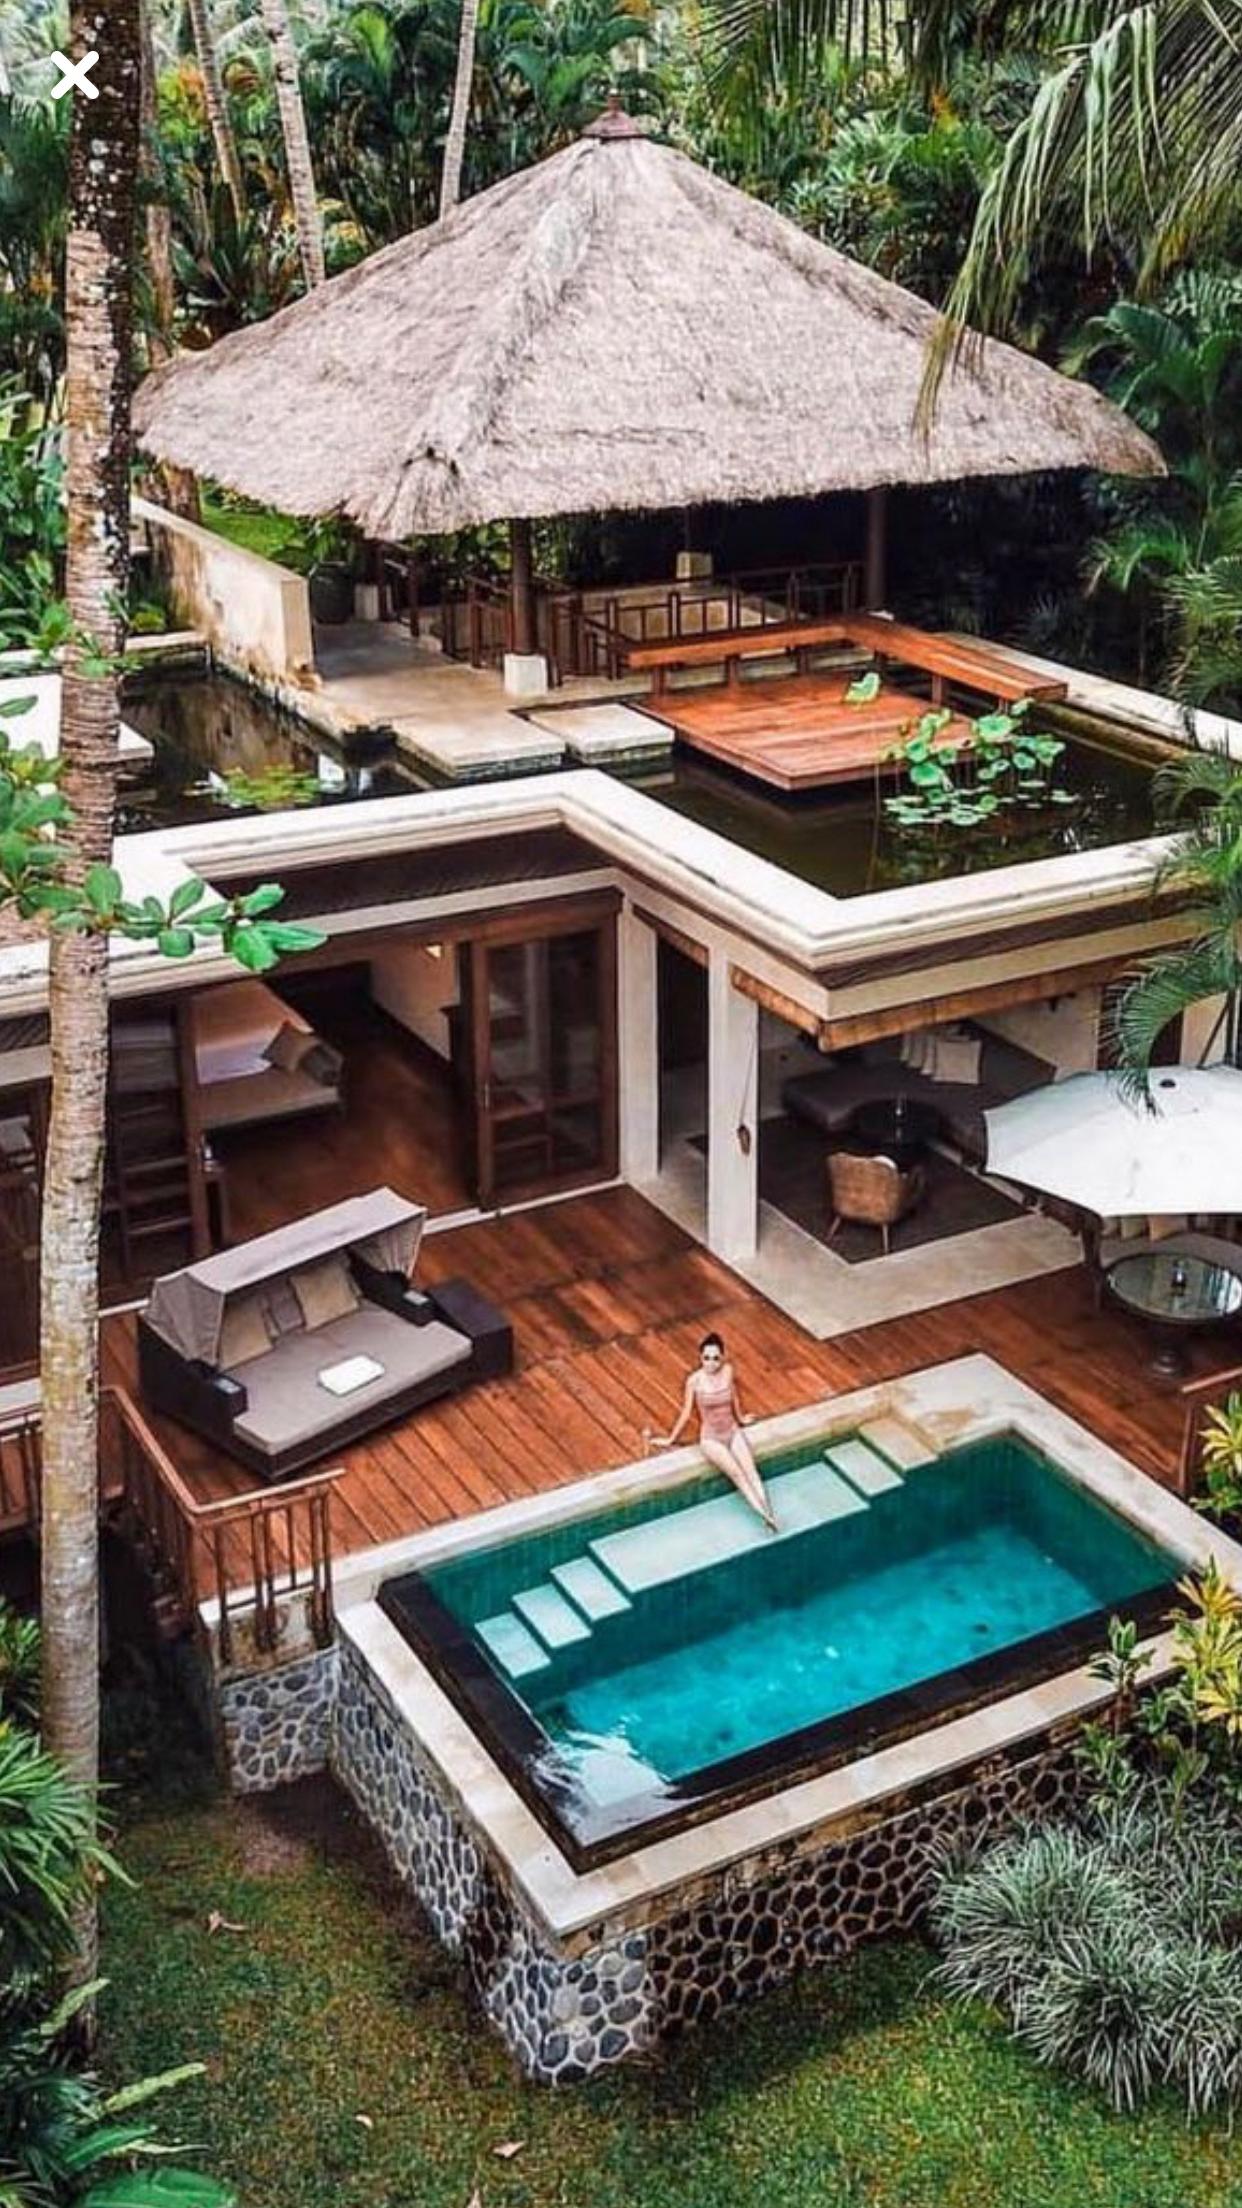 Rumah Mewah Png : rumah, mewah, Praia, #Wood, Architecture, House,, Dream, House, Exterior,, Exterior